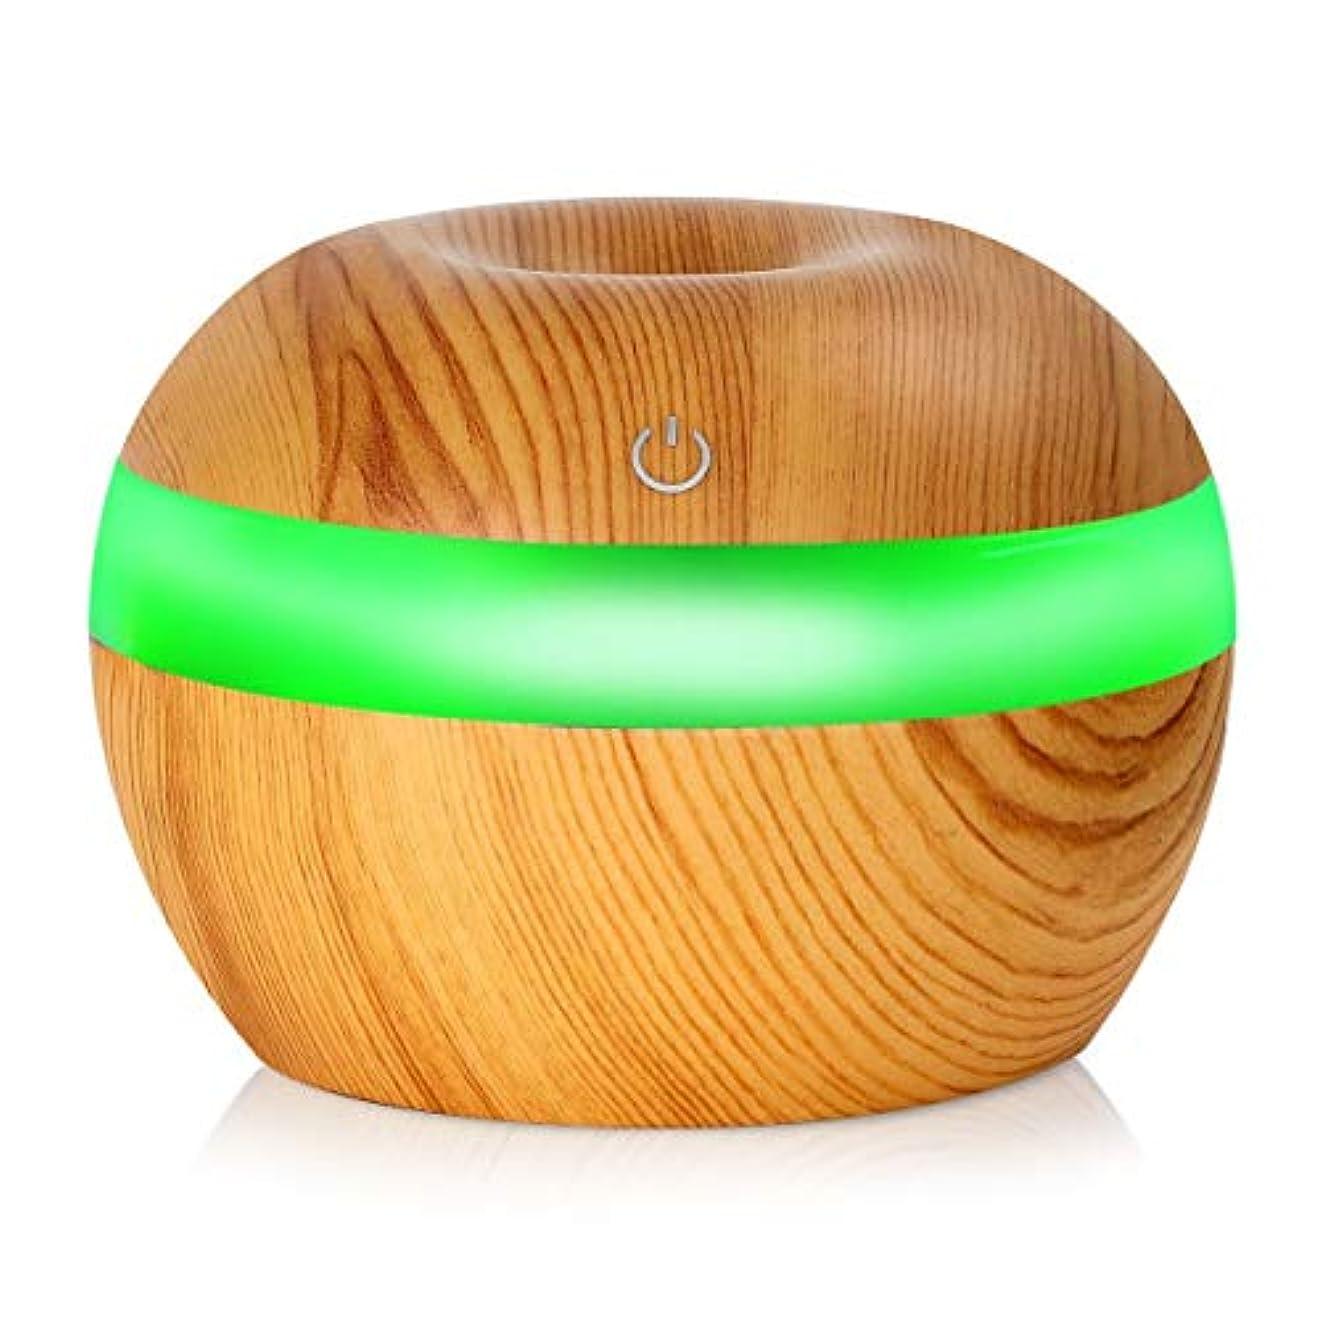 Saikogoods 7色の変更Nightlightsと電子 木目 超音波エッセンシャルオイルディフューザー 水分加湿器 空気清浄 桃の木の色 03#